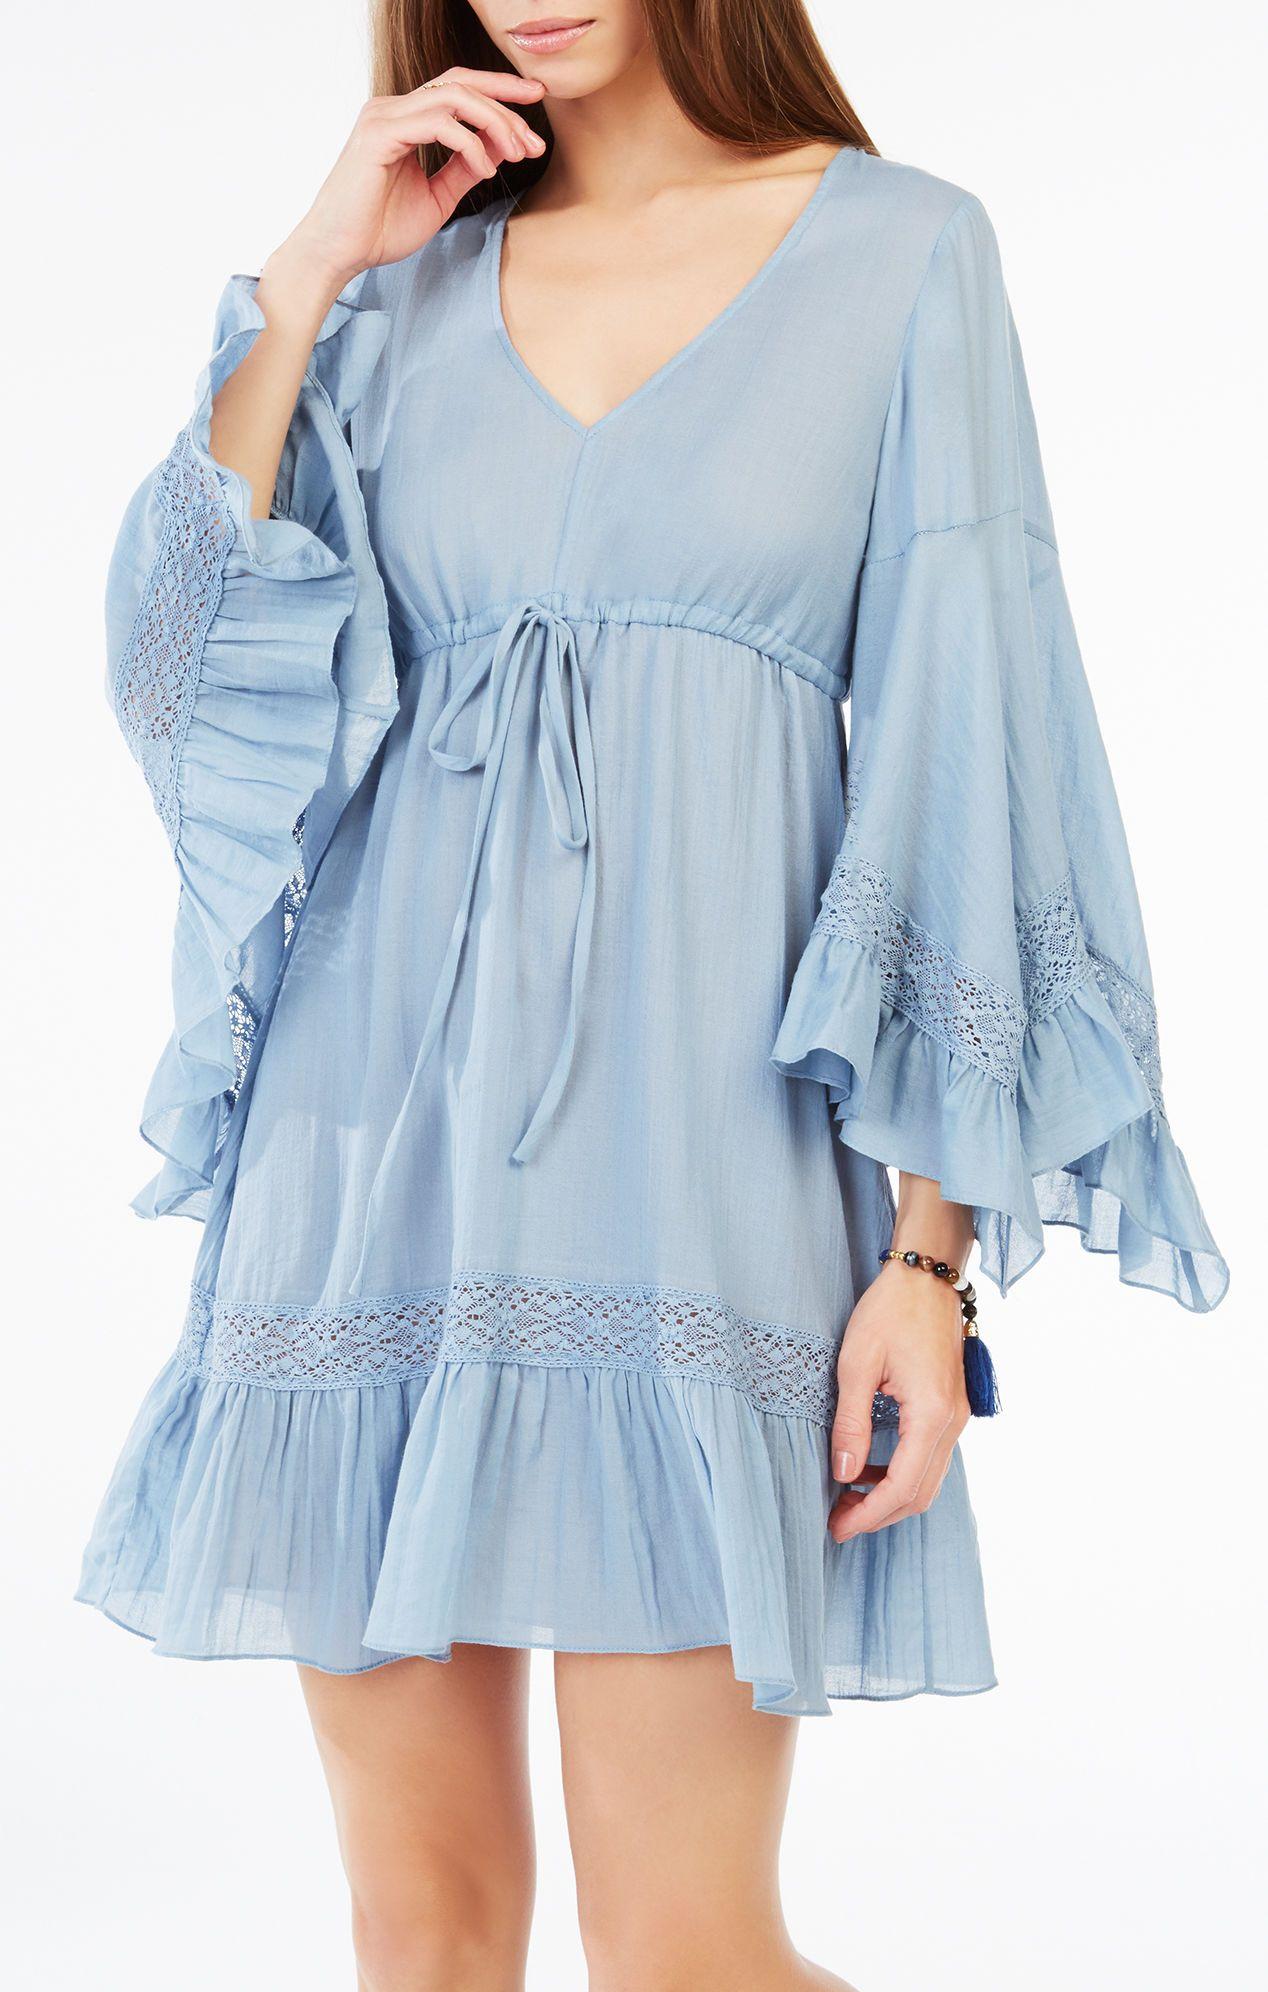 Jackleen Ruffled Peasant Dress | // SHOP | Pinterest | Peasant ...